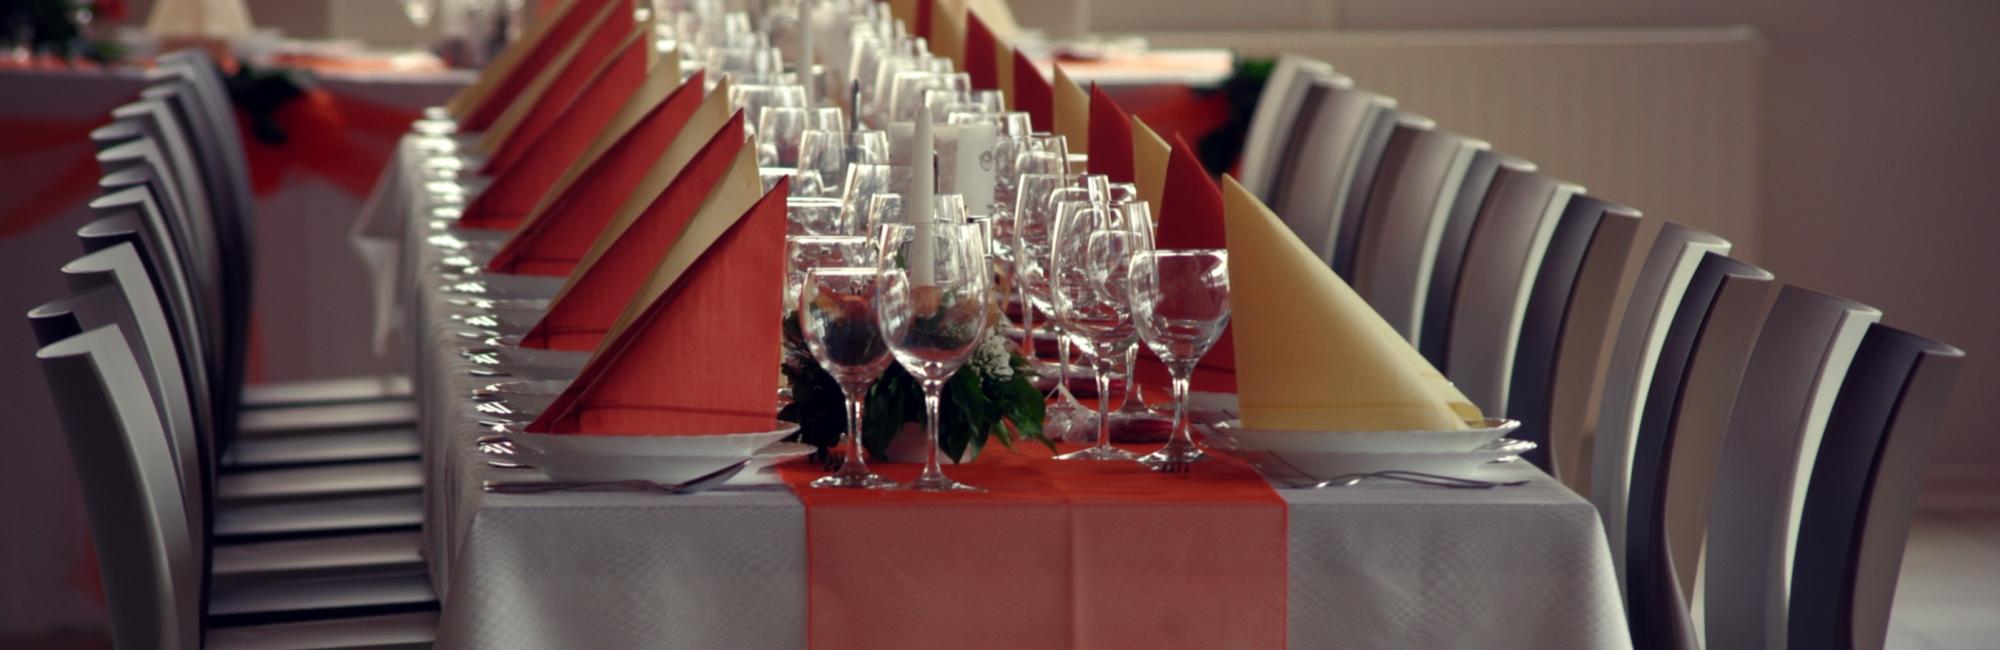 Rendezvények, esküvők, konferenciák